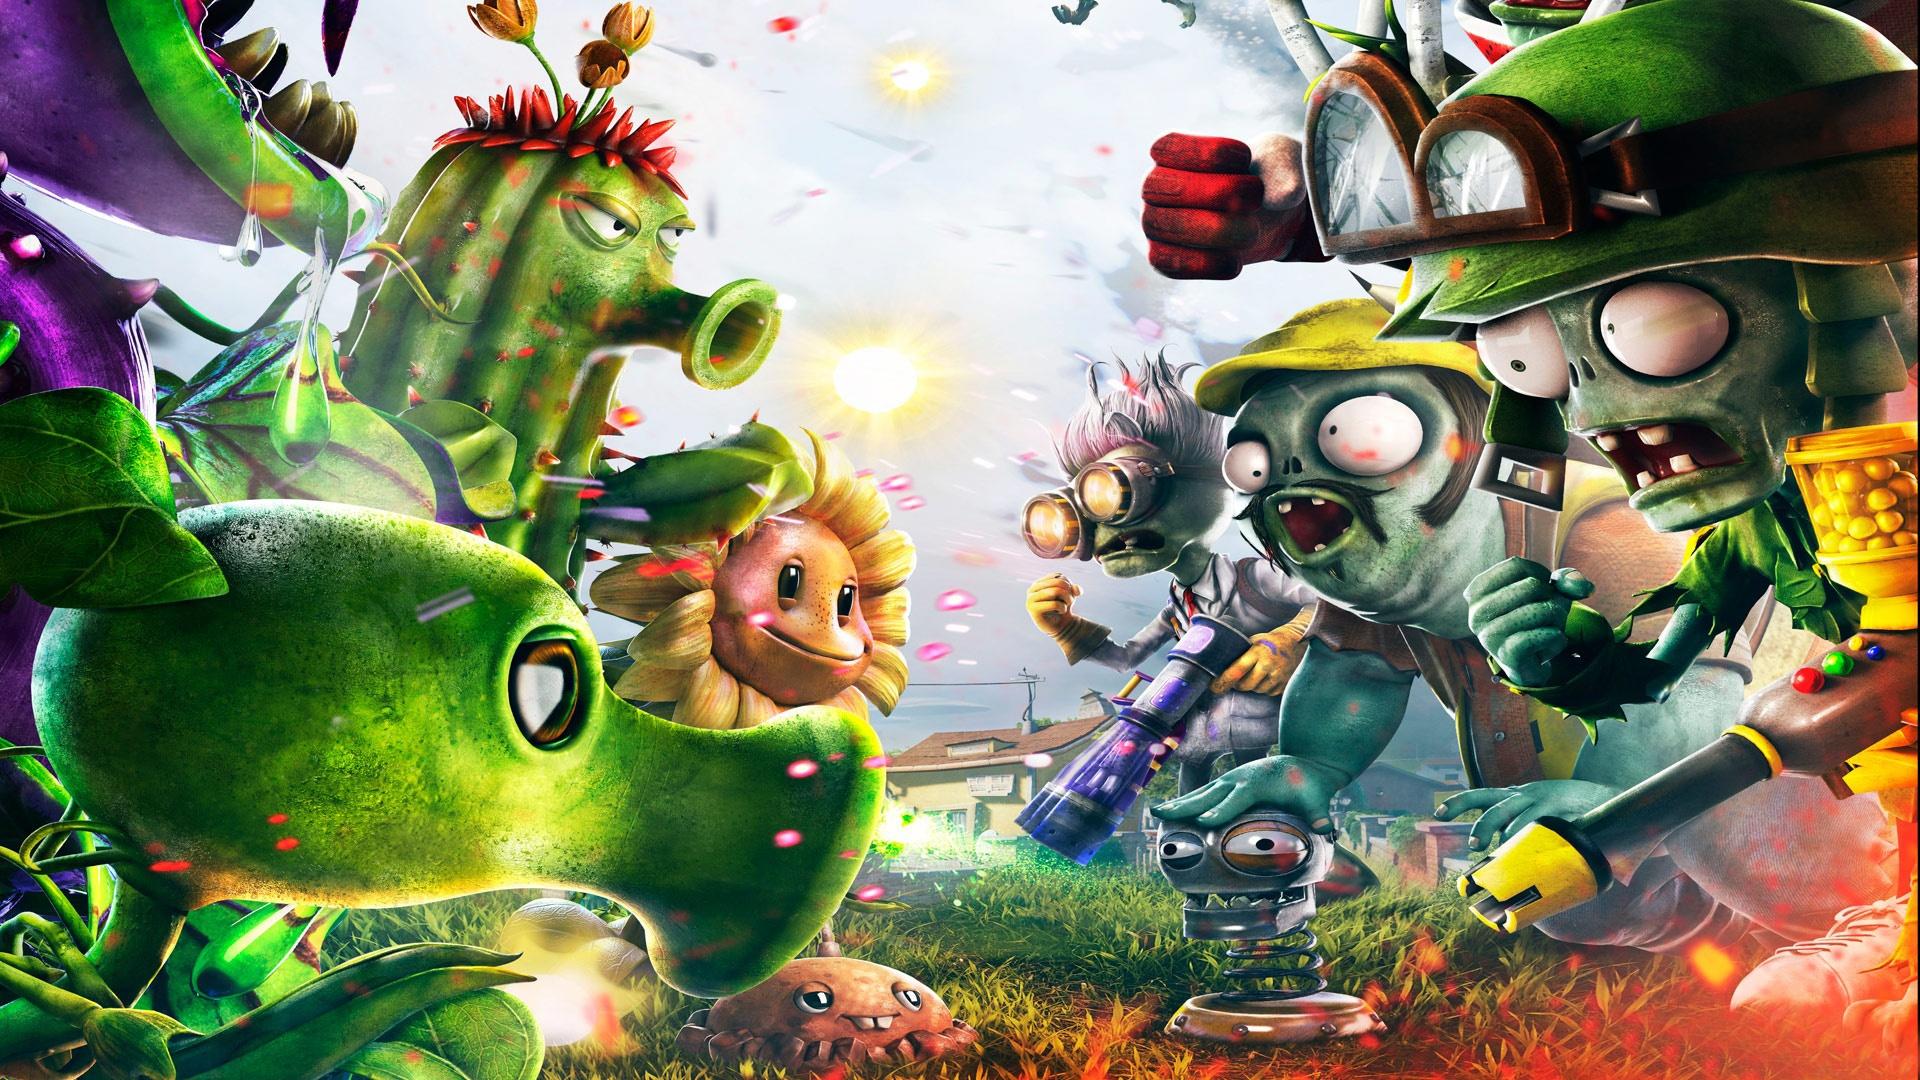 Plants Vs Zombies 2 Hack Cheats Cheatsgo